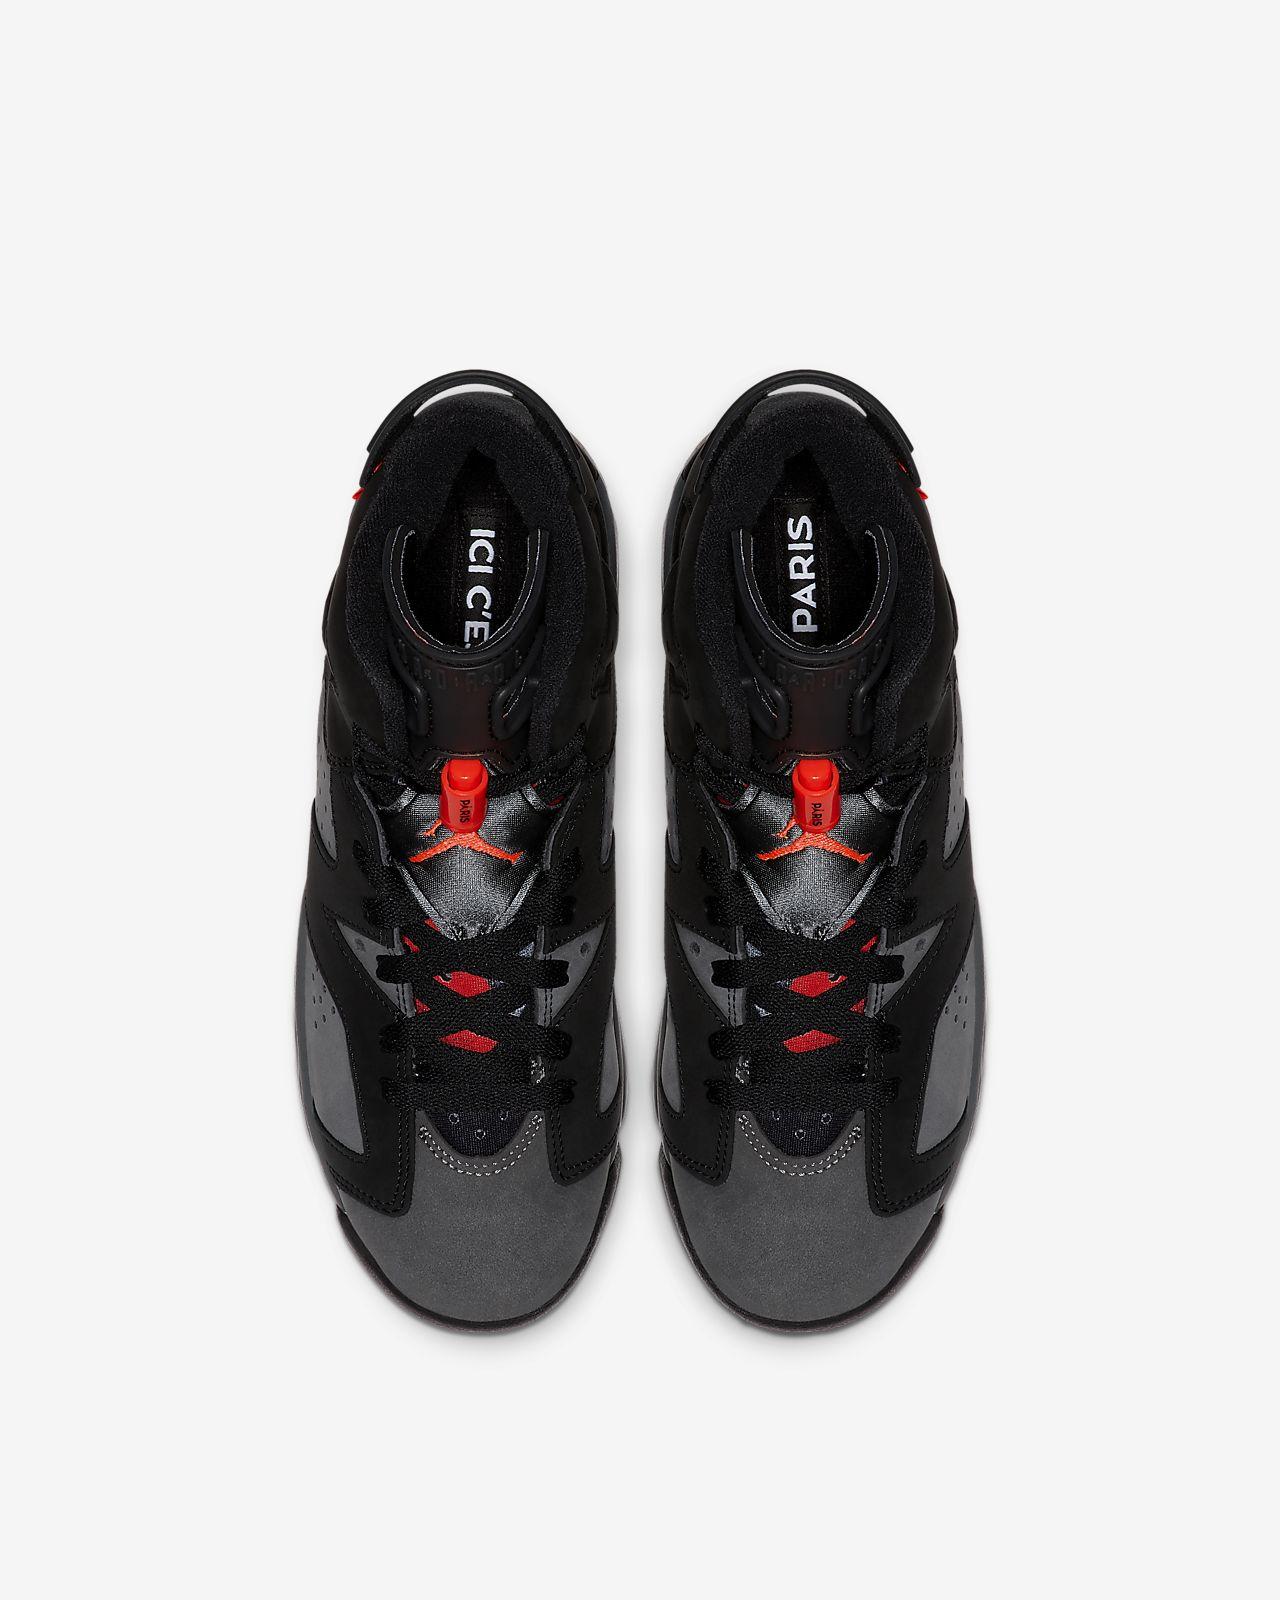 Chaussure Pour Air Âgé Jordan 6 Retro Plus Paris Enfant Saint Germain dCxthQrsB